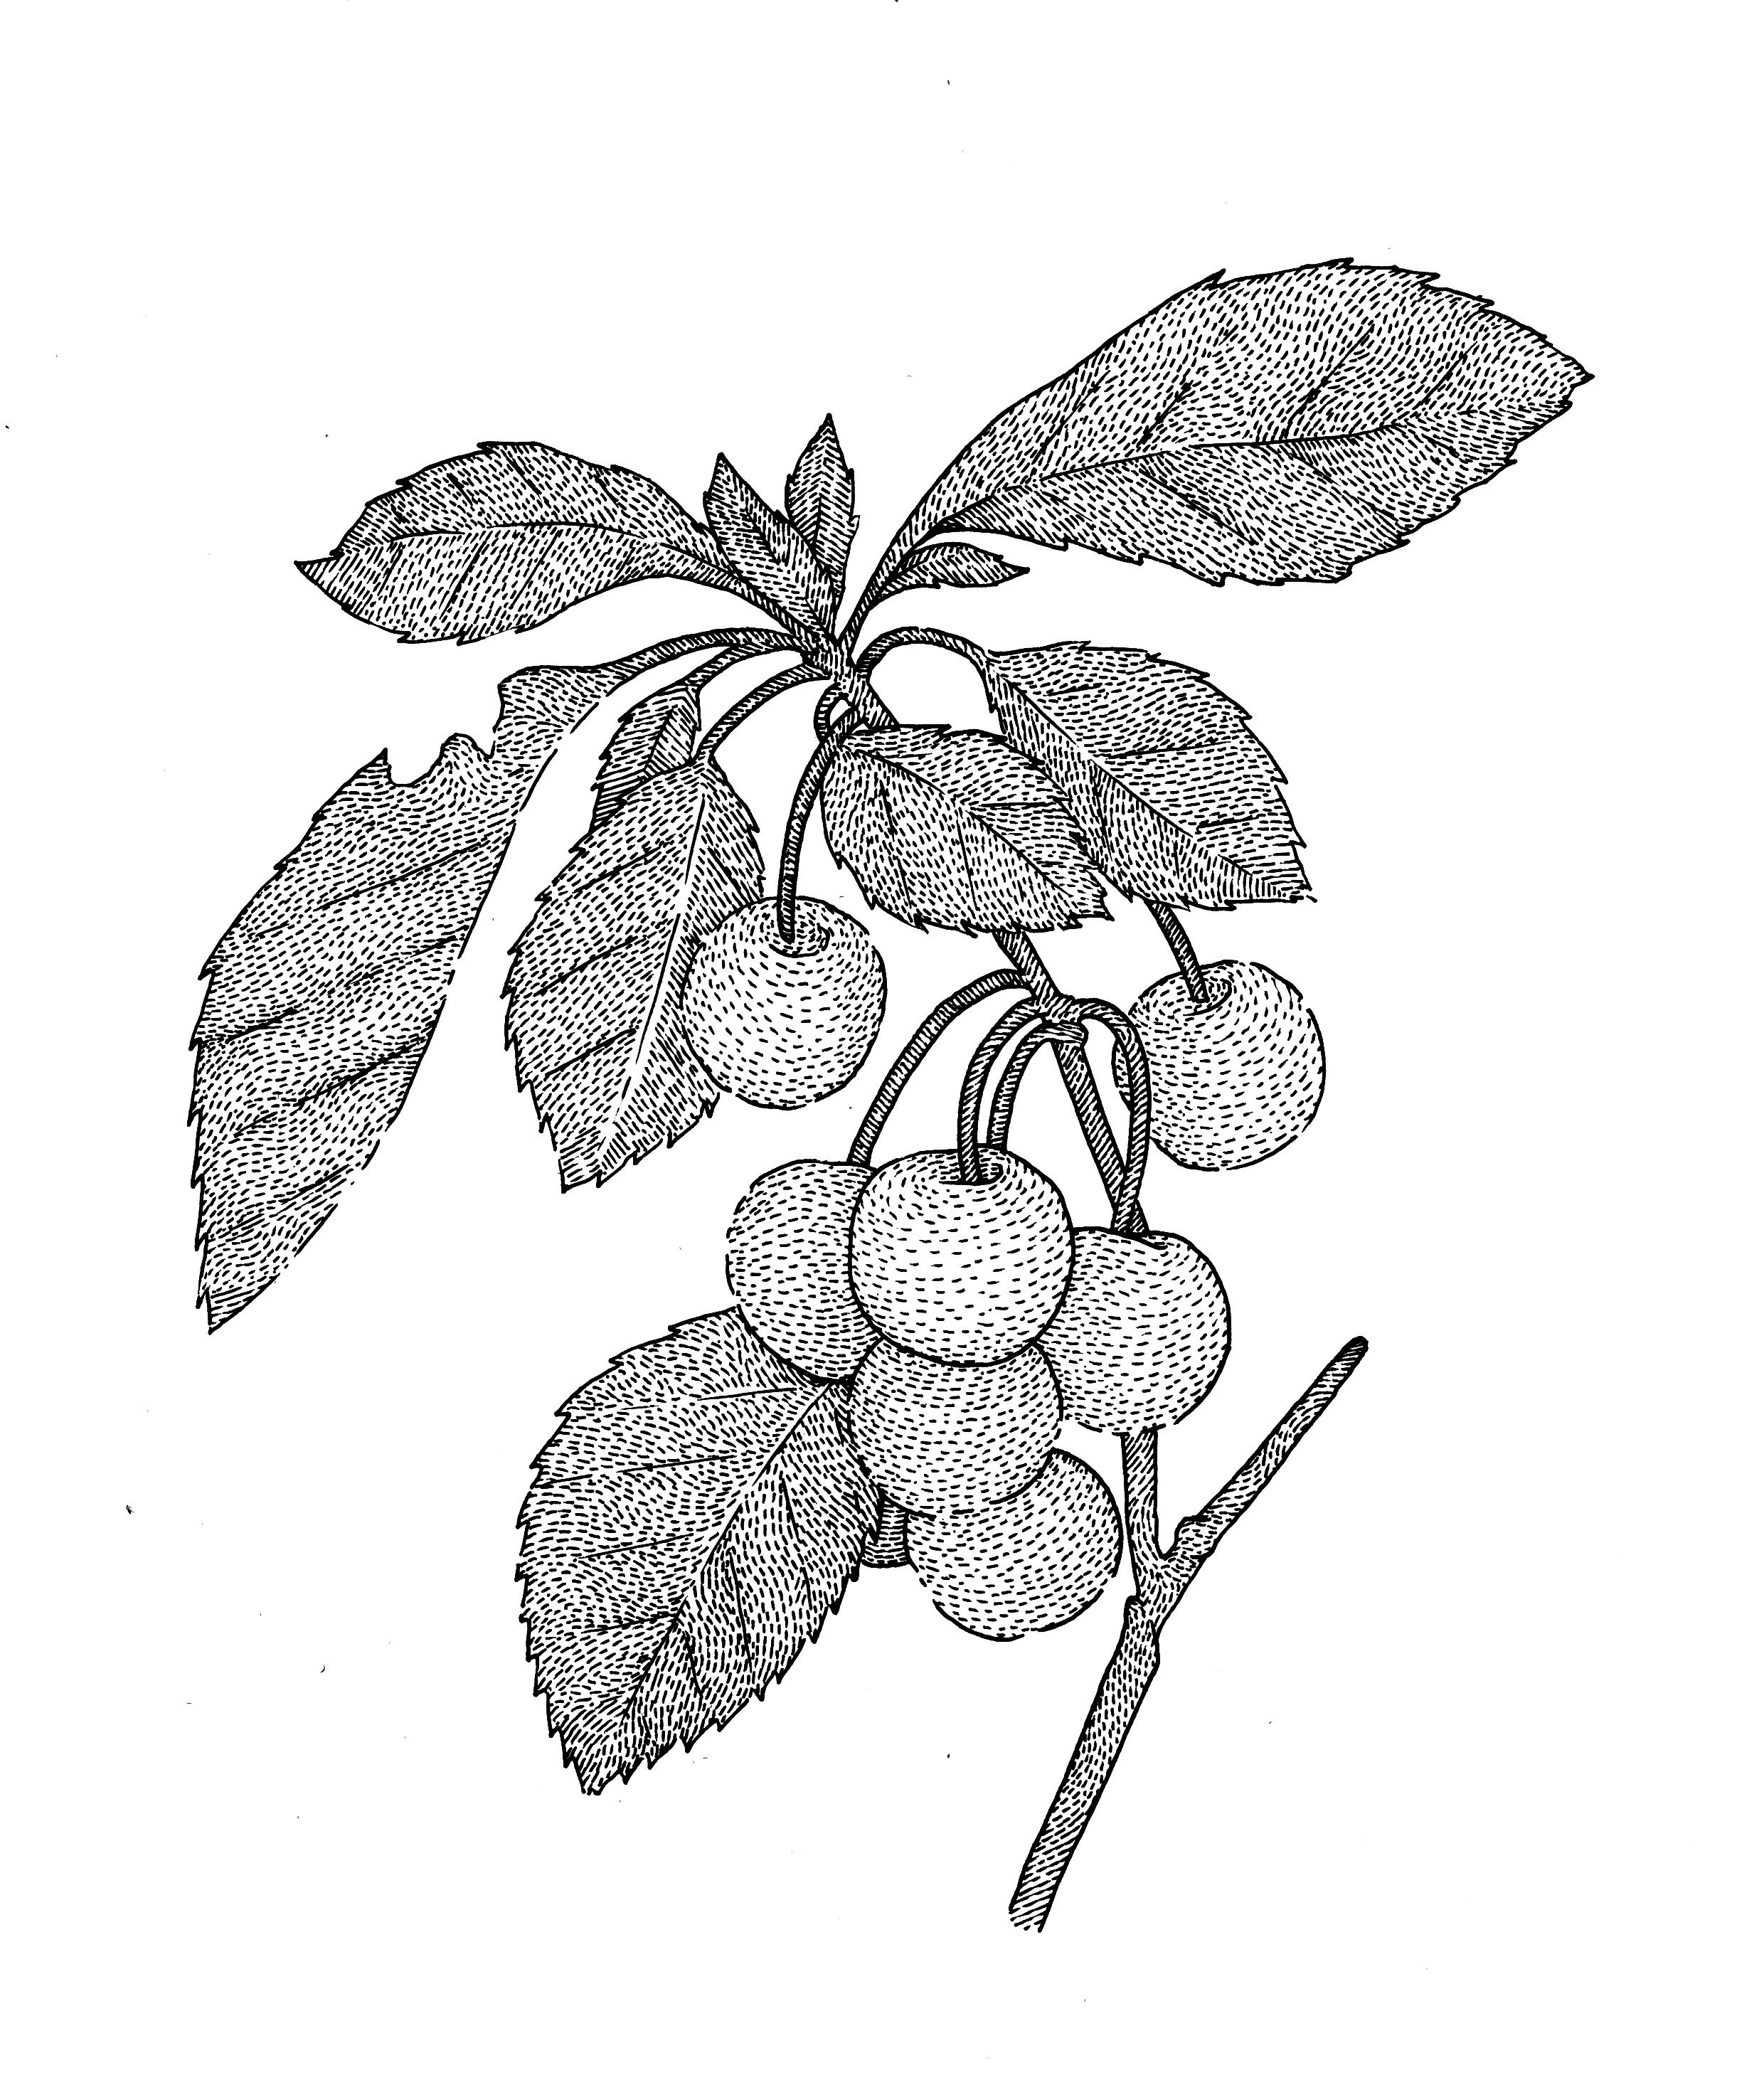 zecardoso-diseno-oldskull-06